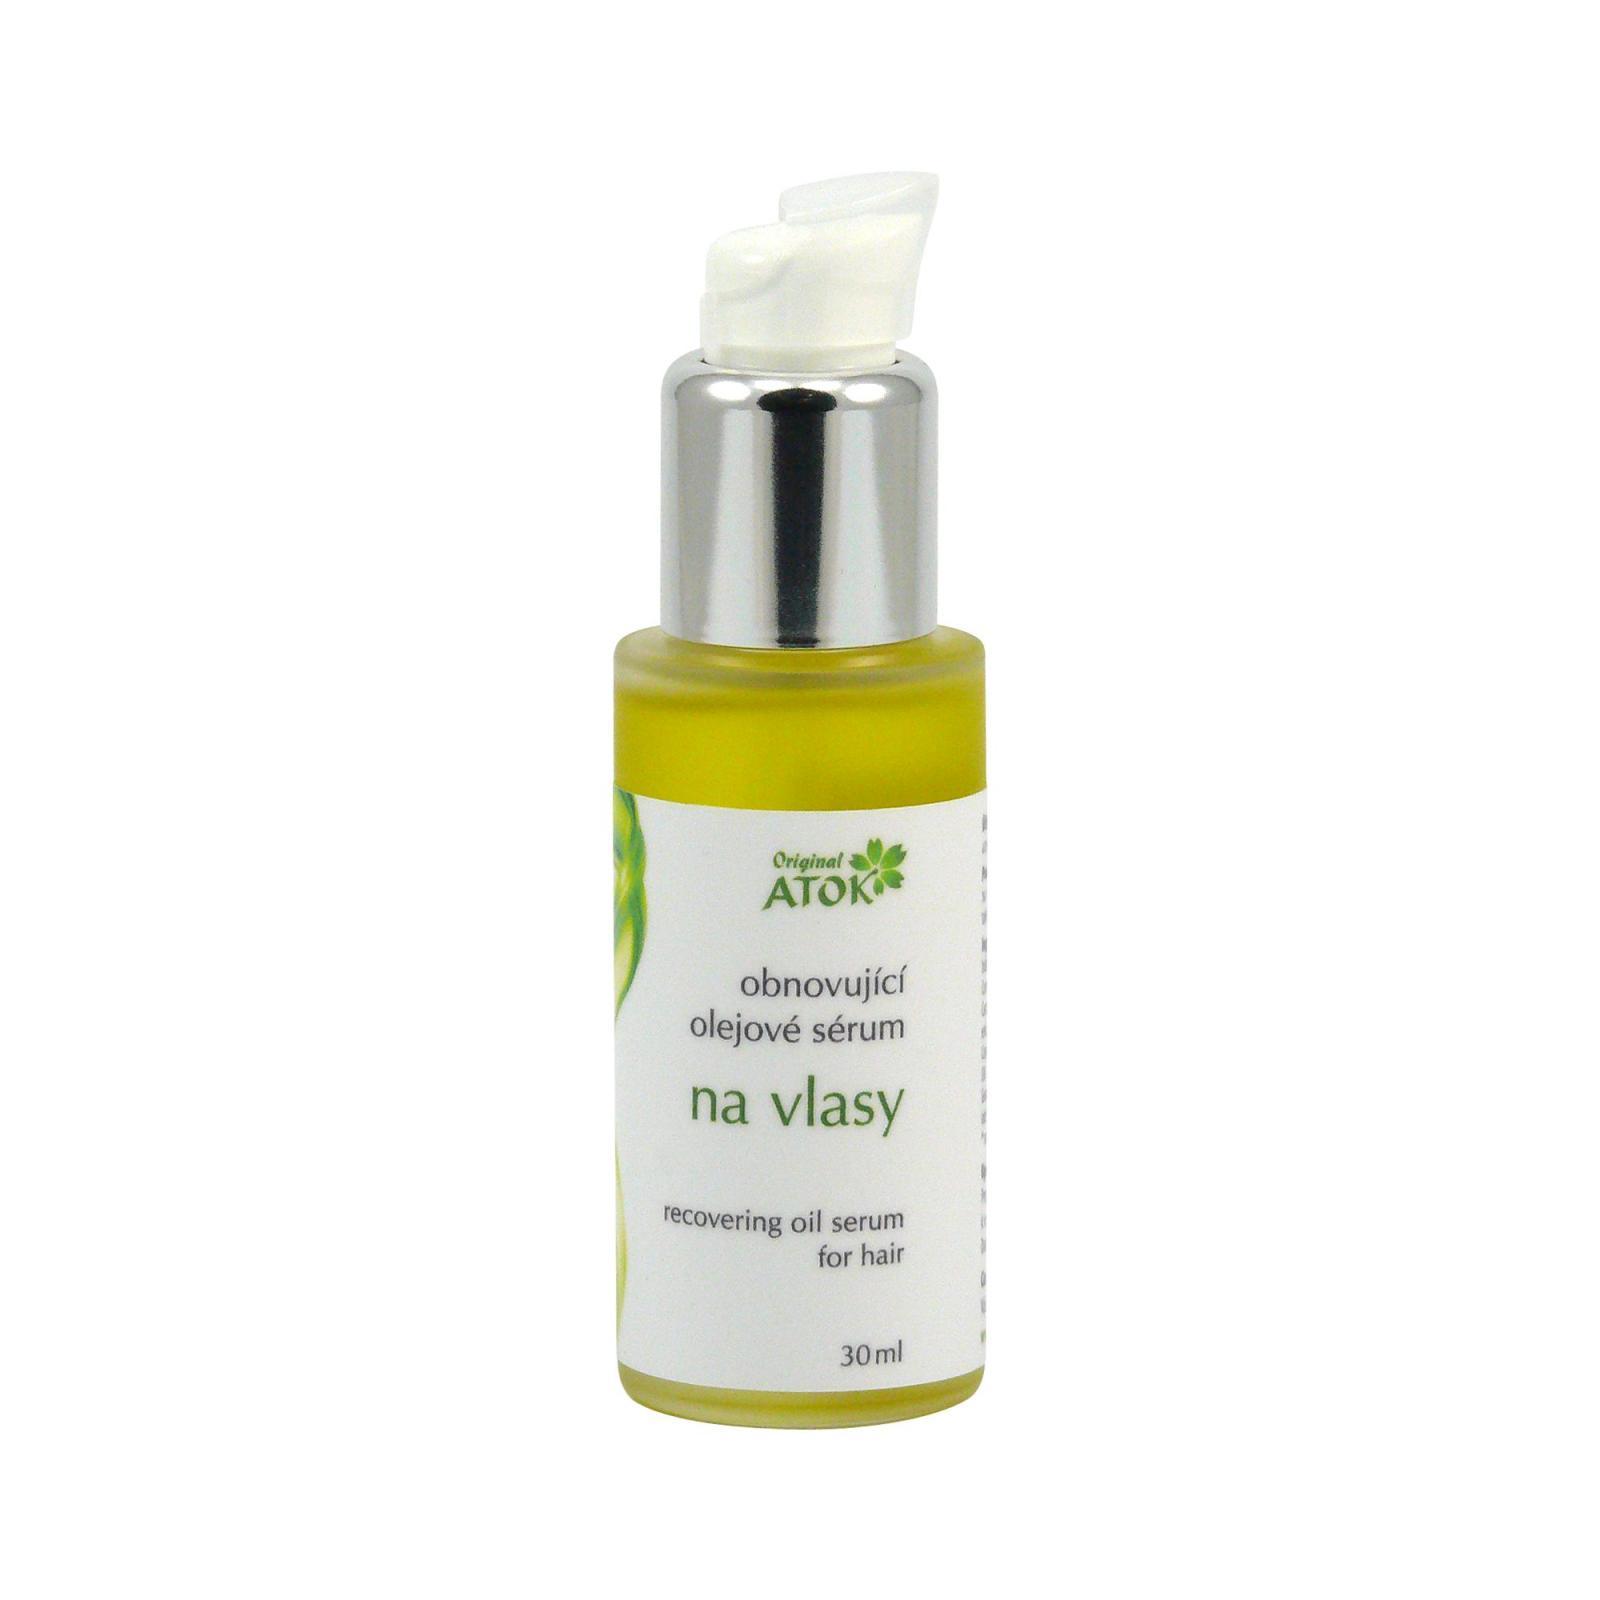 Original ATOK Obnovující olejové sérum na vlasy 30 ml